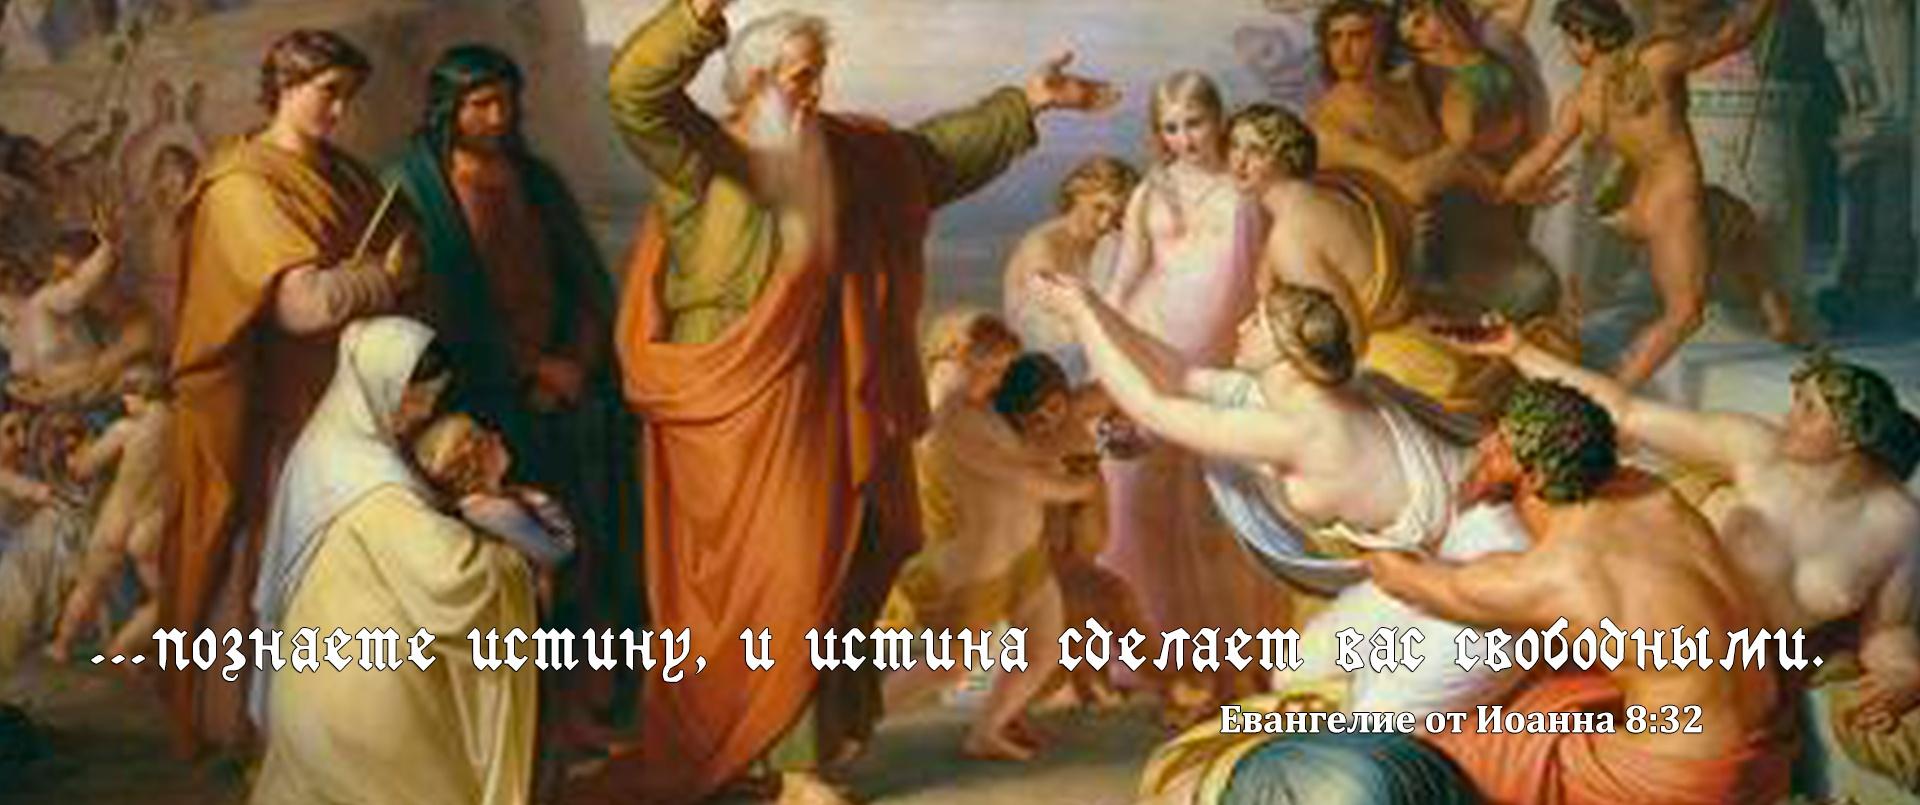 от иоанна, евангелие от иоанна, от иоанна 8 32